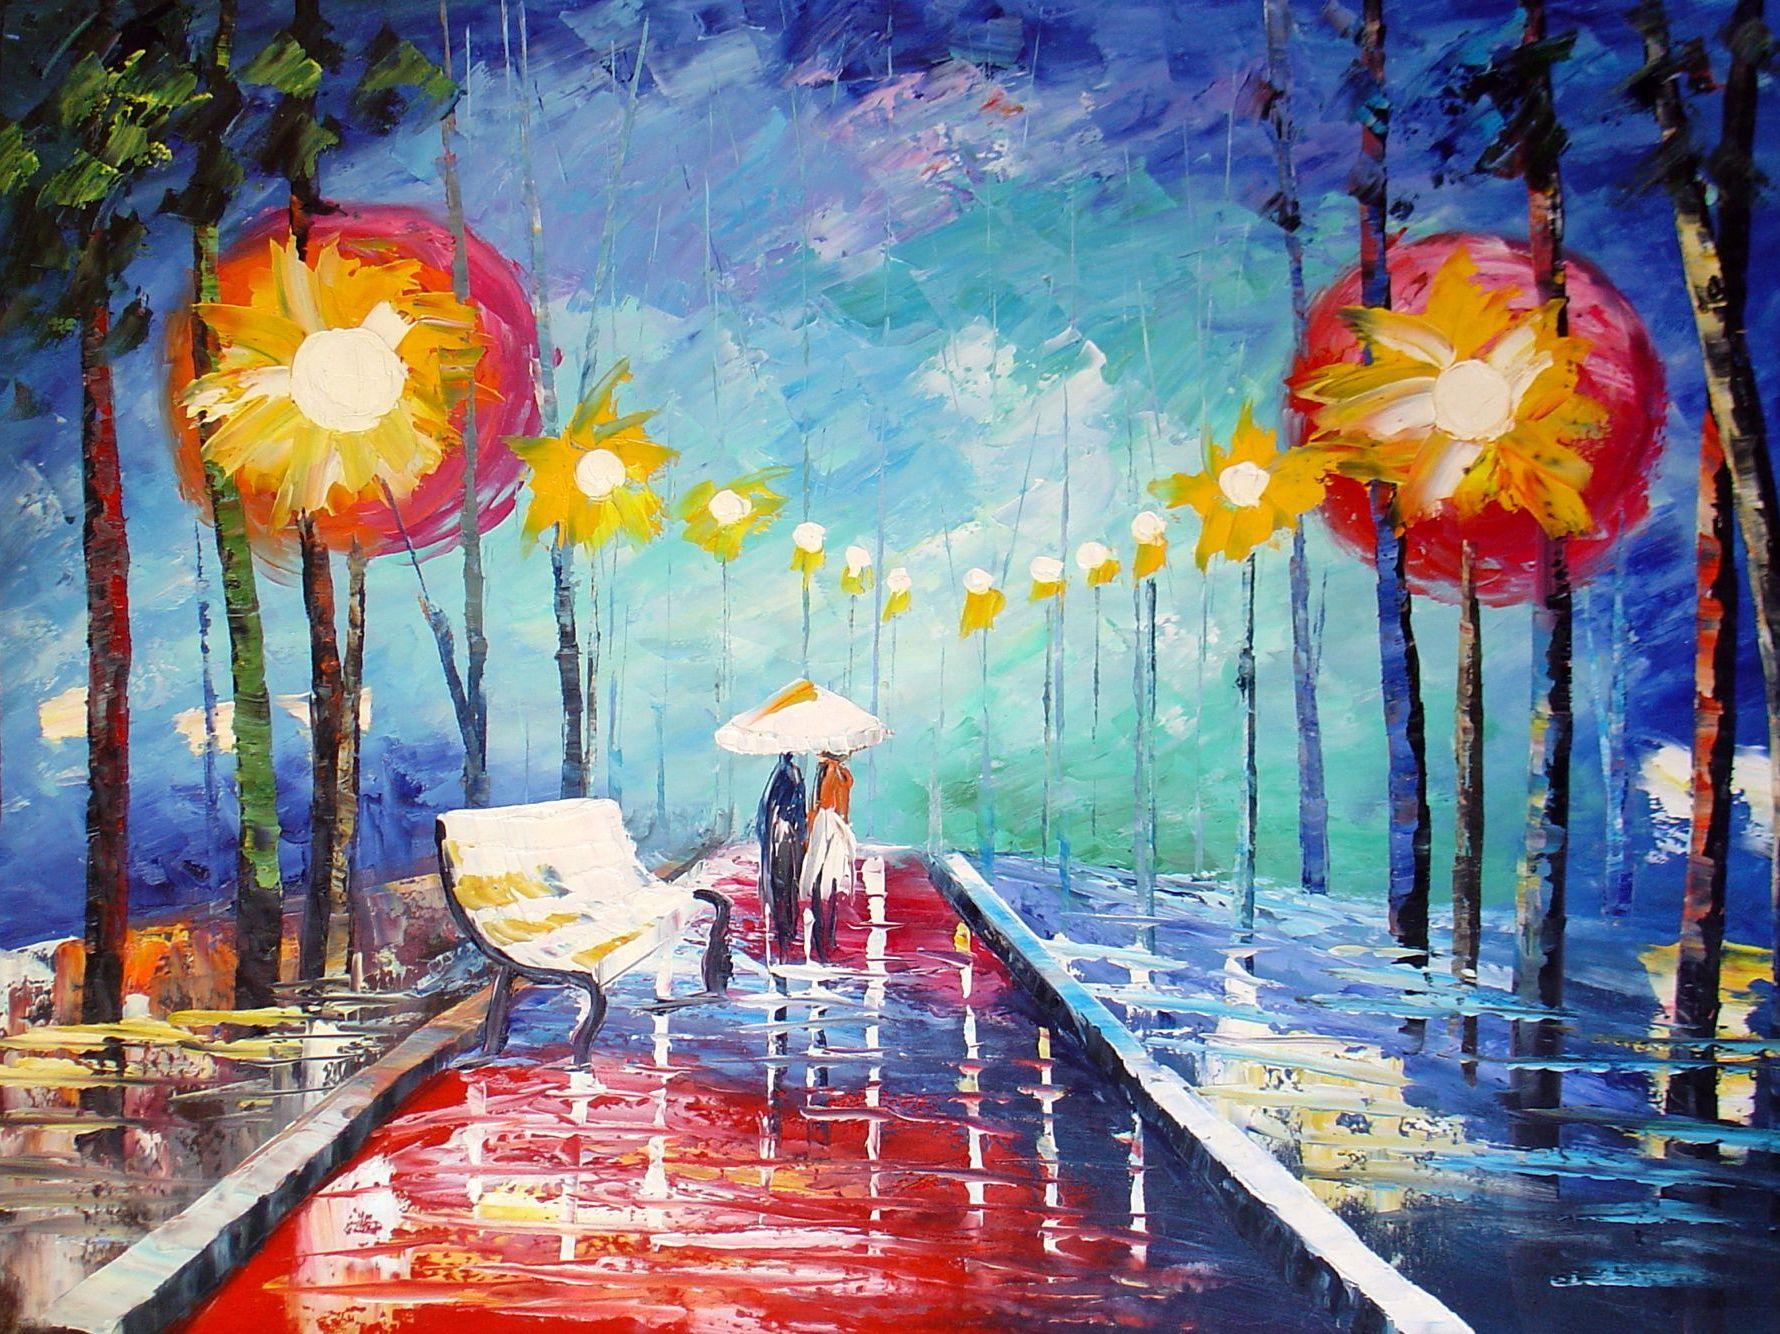 Amoureux sous la pluie peinture artistes beaux tableaux plus belle galerie art decoration cadeau - Les plus beaux tableaux abstraits ...